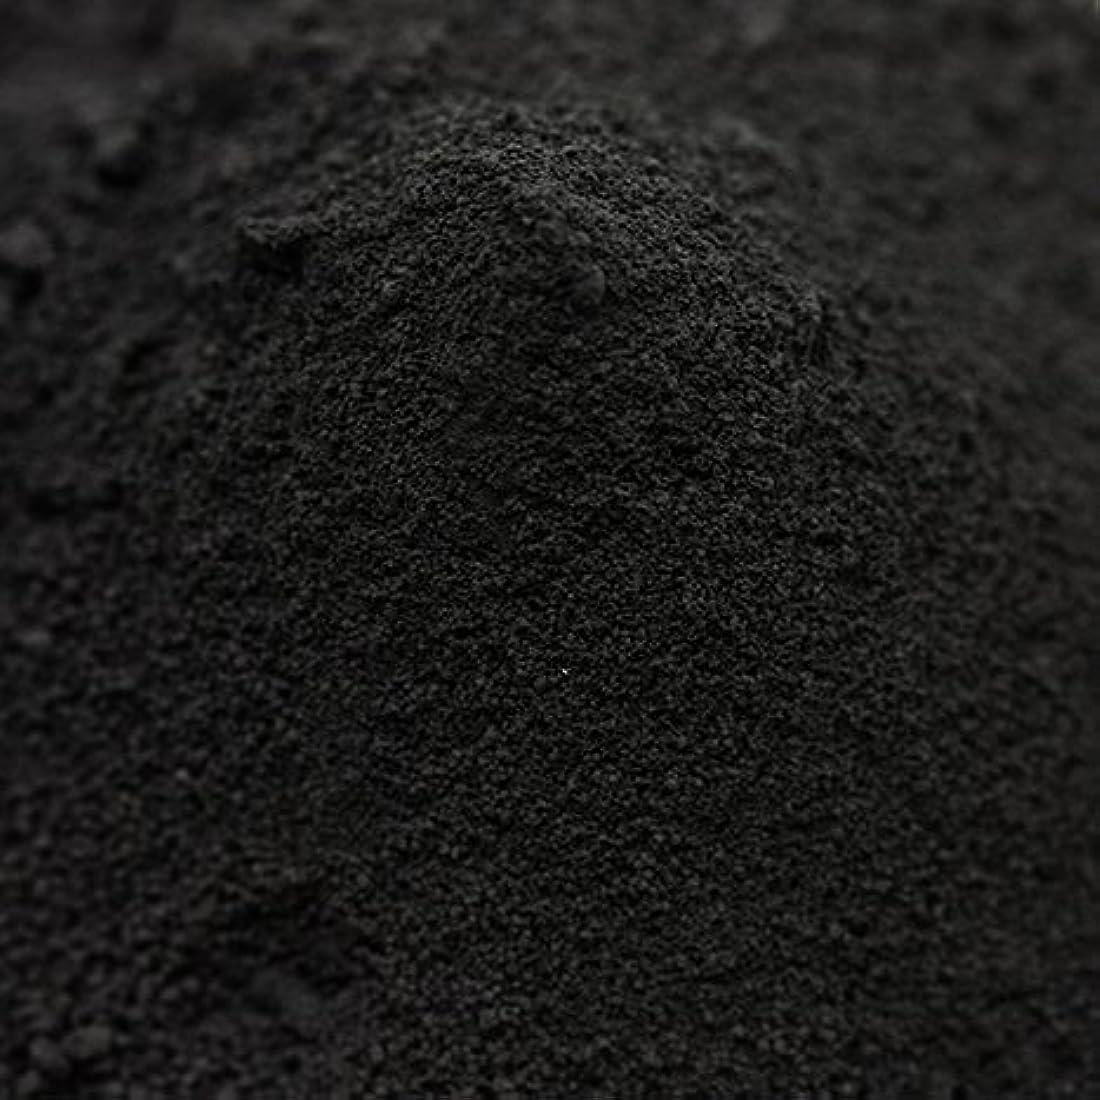 黒ポップかき混ぜる竹炭パウダー(超微粉末) 20g 【手作り石鹸/手作りコスメに】